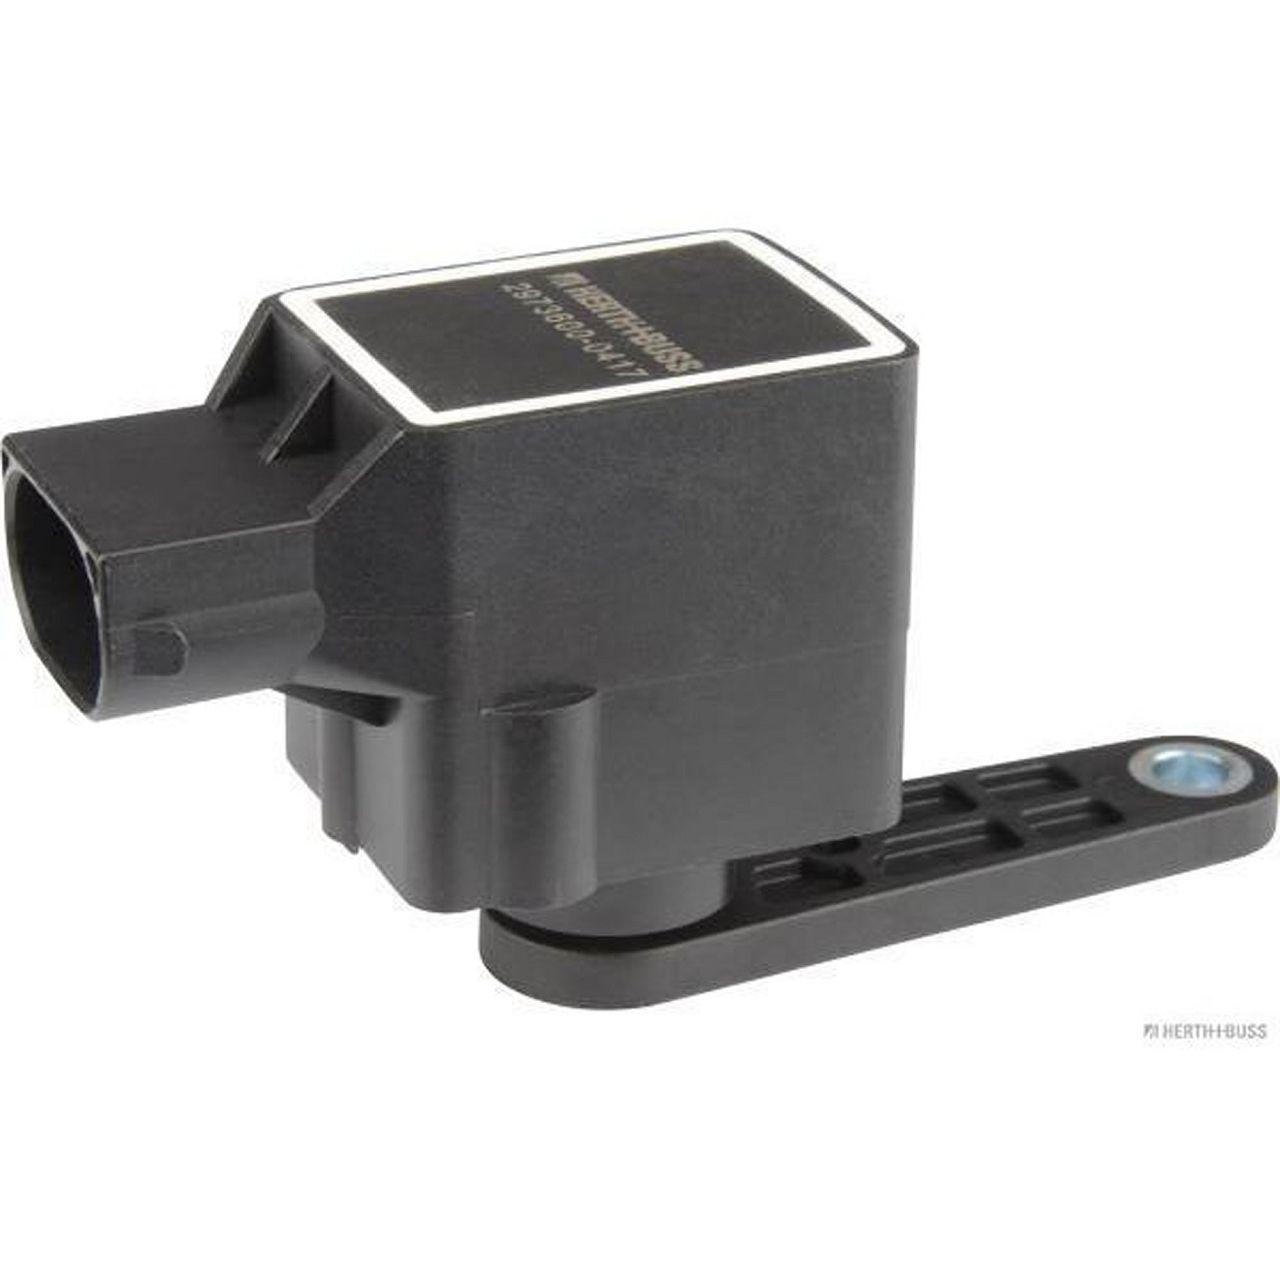 HERTH+BUSS ELPARTS Sensor Leuchtweitenregulierung Xenon für MERCEDES C219 W211